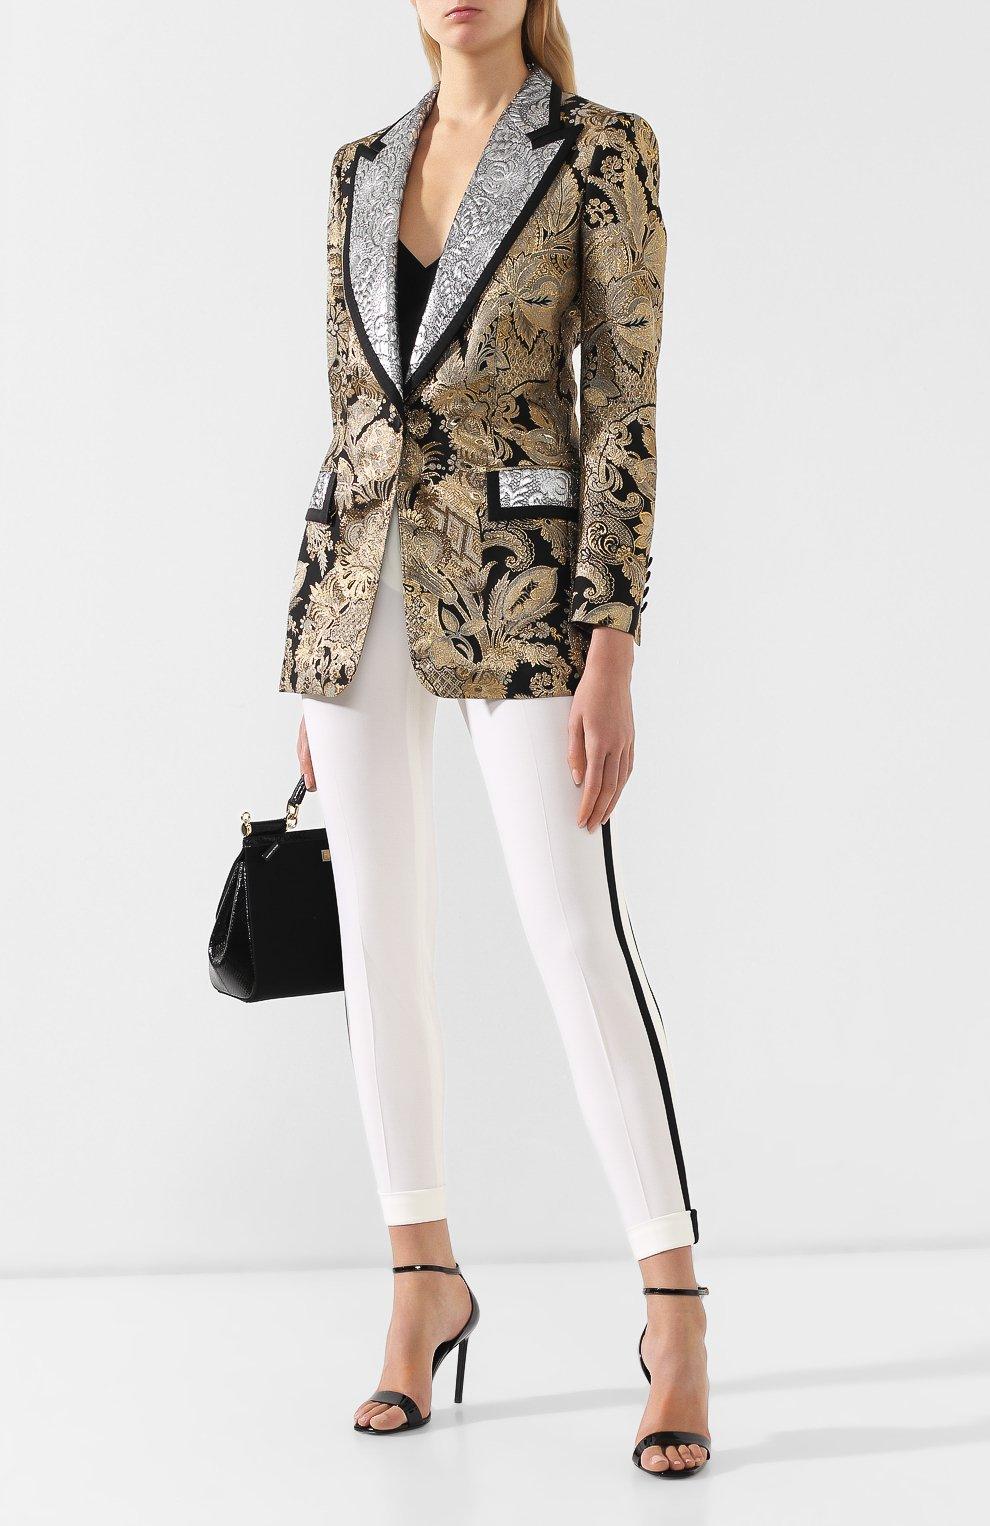 Жаккардовый жакет Dolce & Gabbana золотой   Фото №2